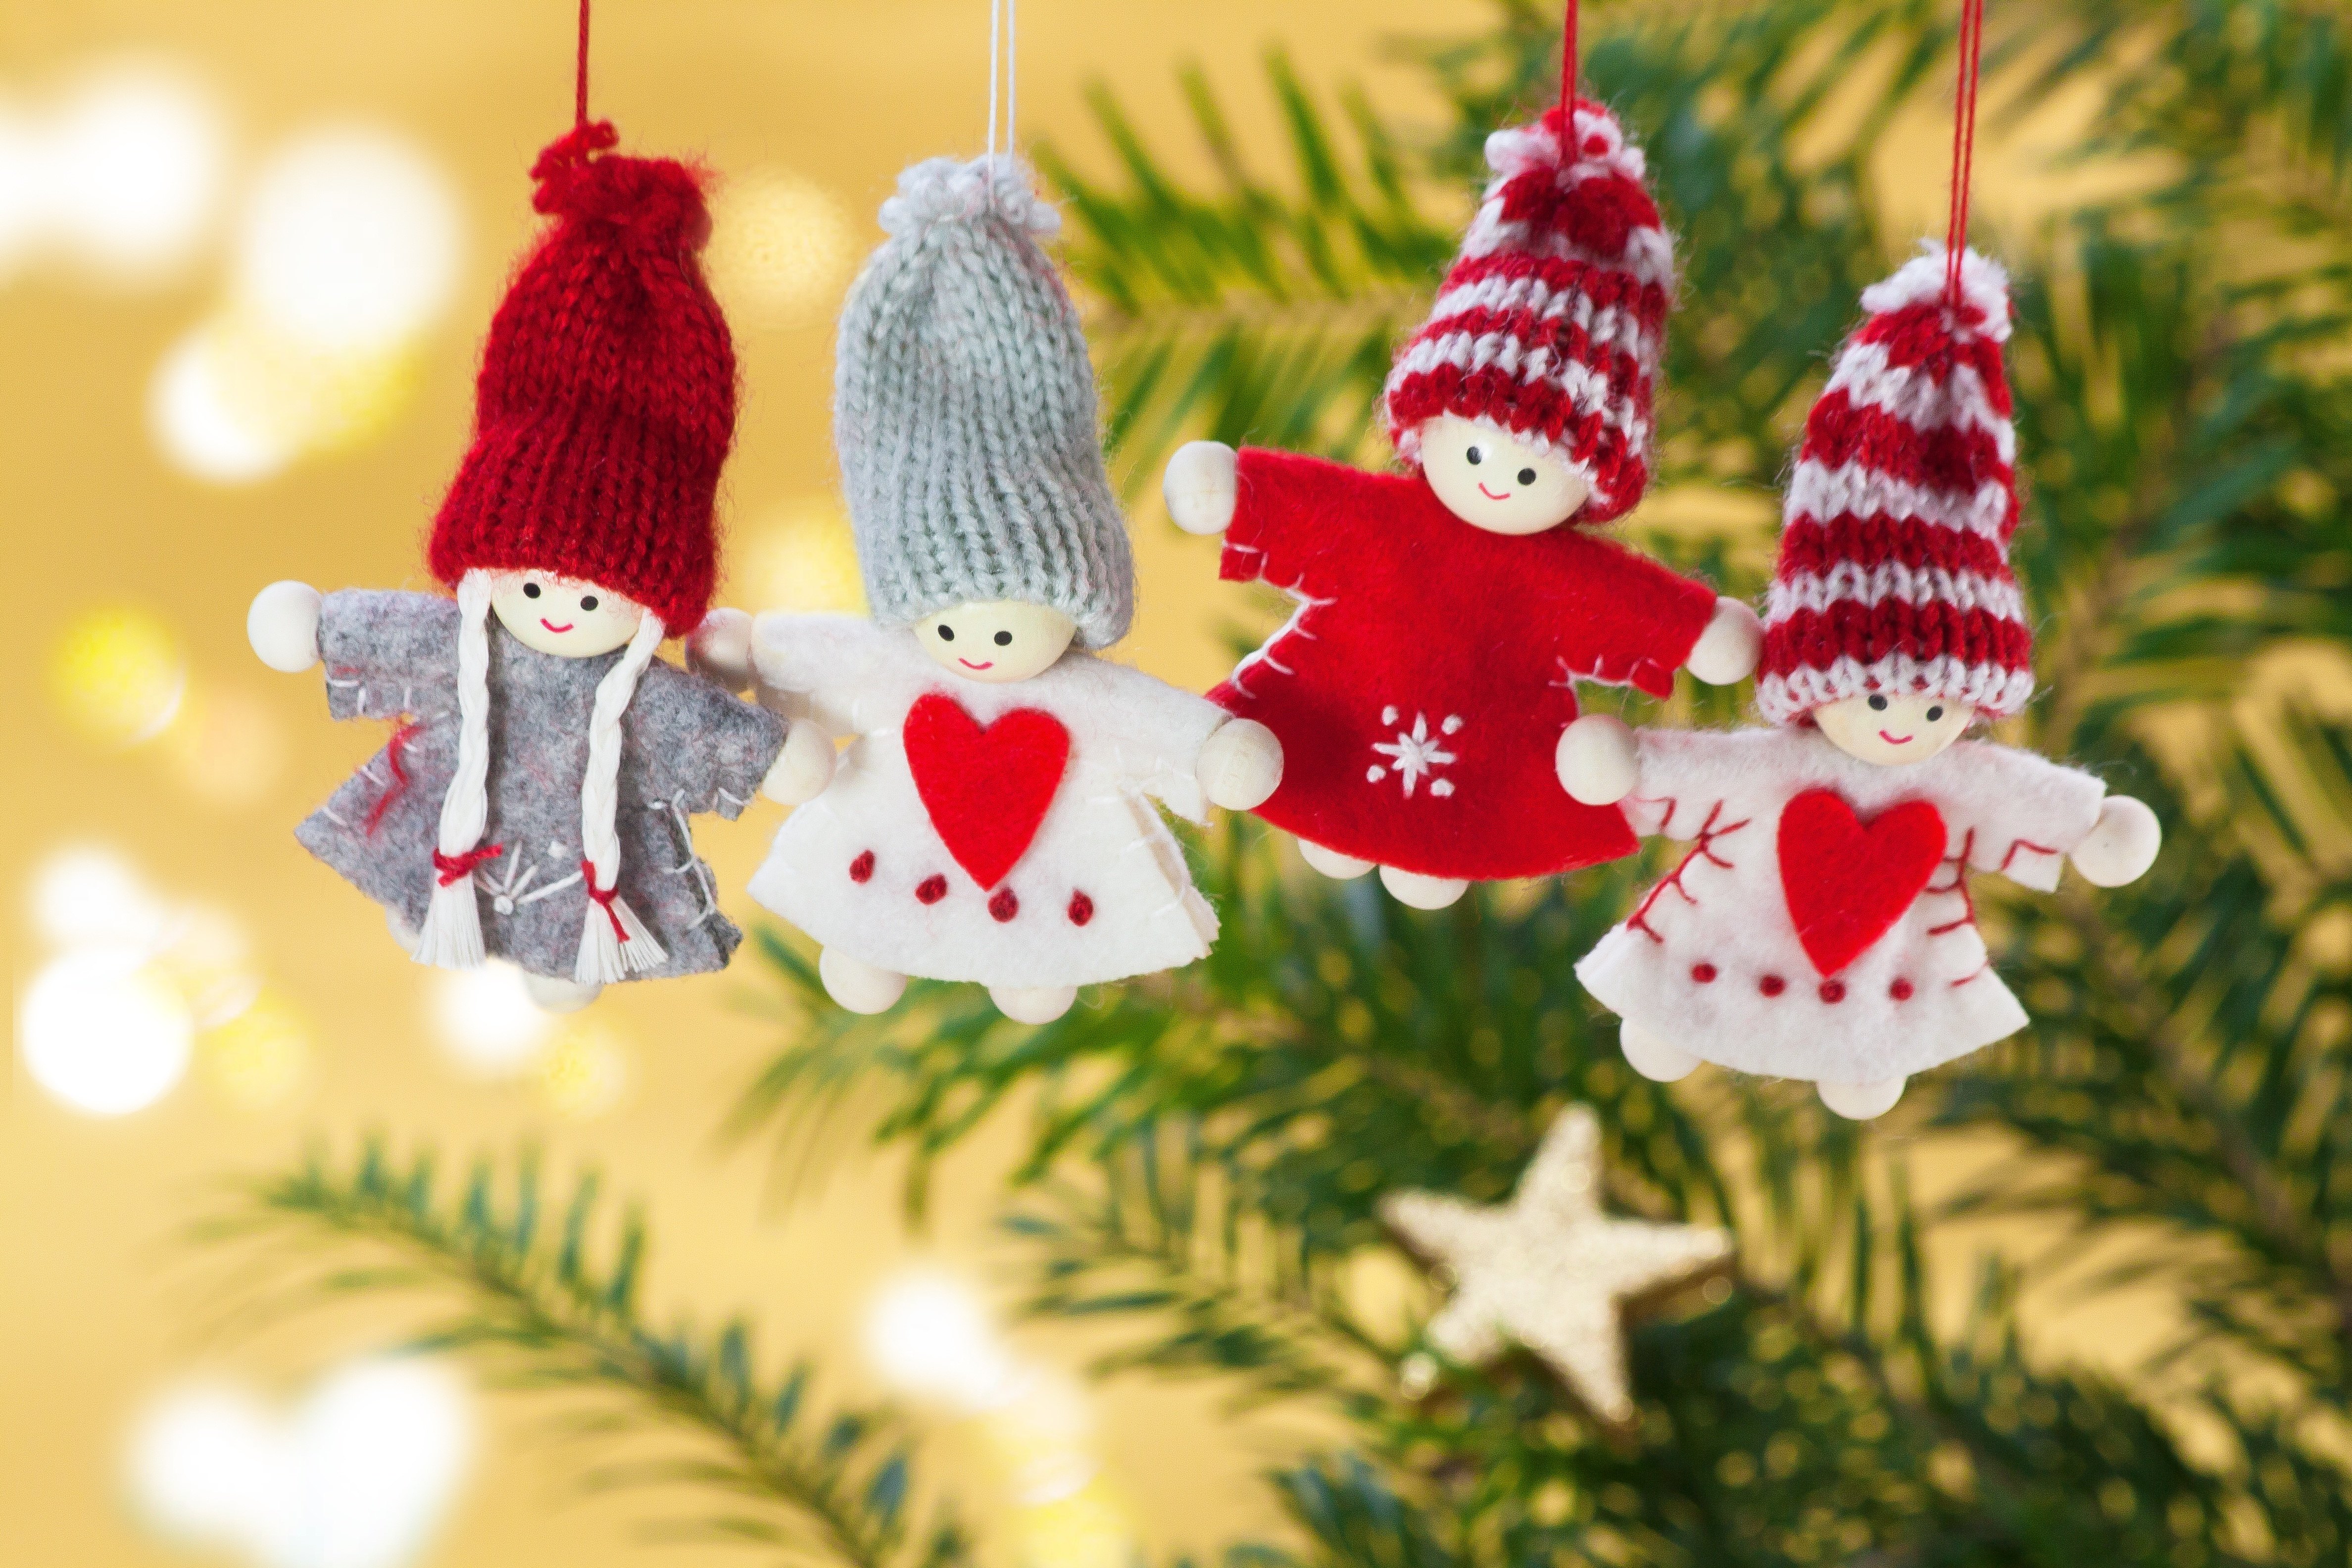 121515 Hintergrundbild herunterladen Feiertage, Weihnachten, Spielzeug, Engel, Ast, Zweig - Bildschirmschoner und Bilder kostenlos